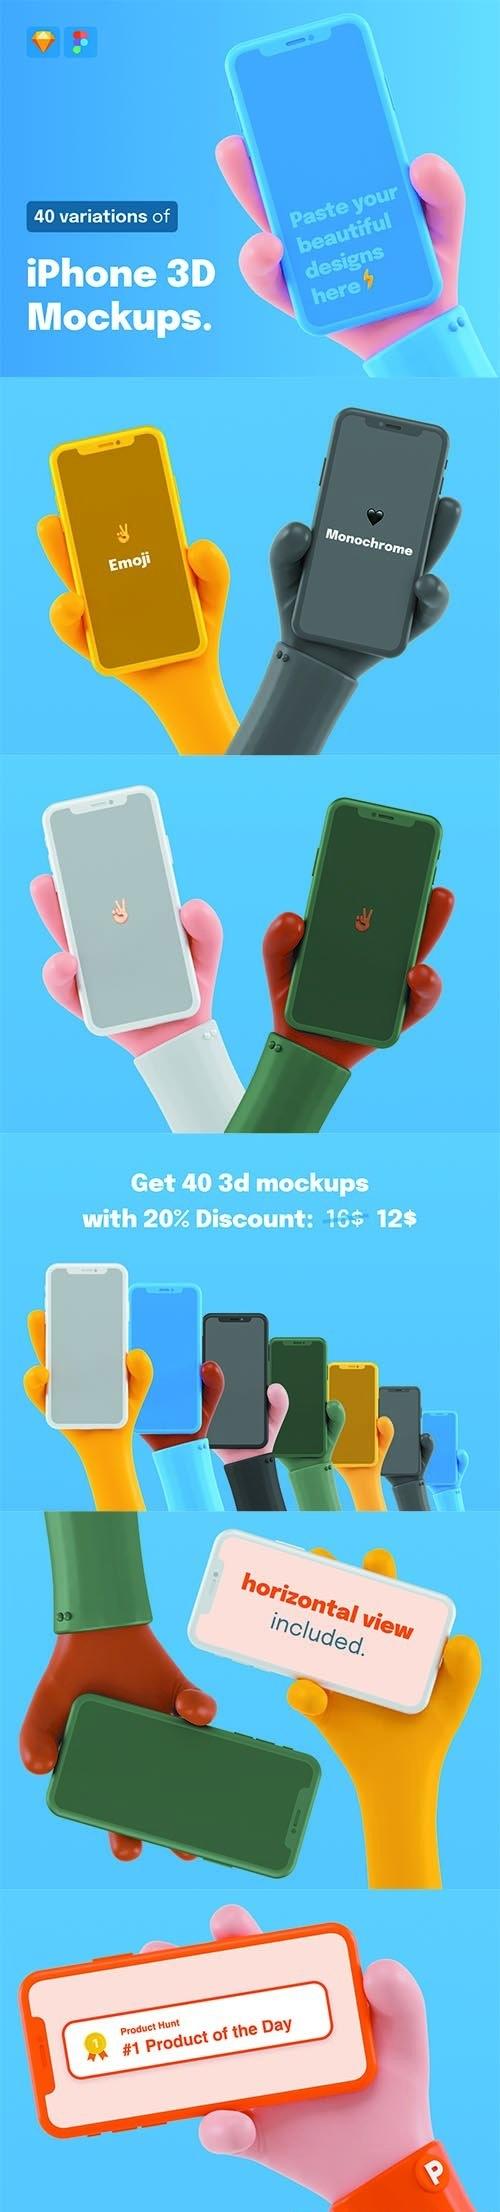 iPhone 3D Mockups